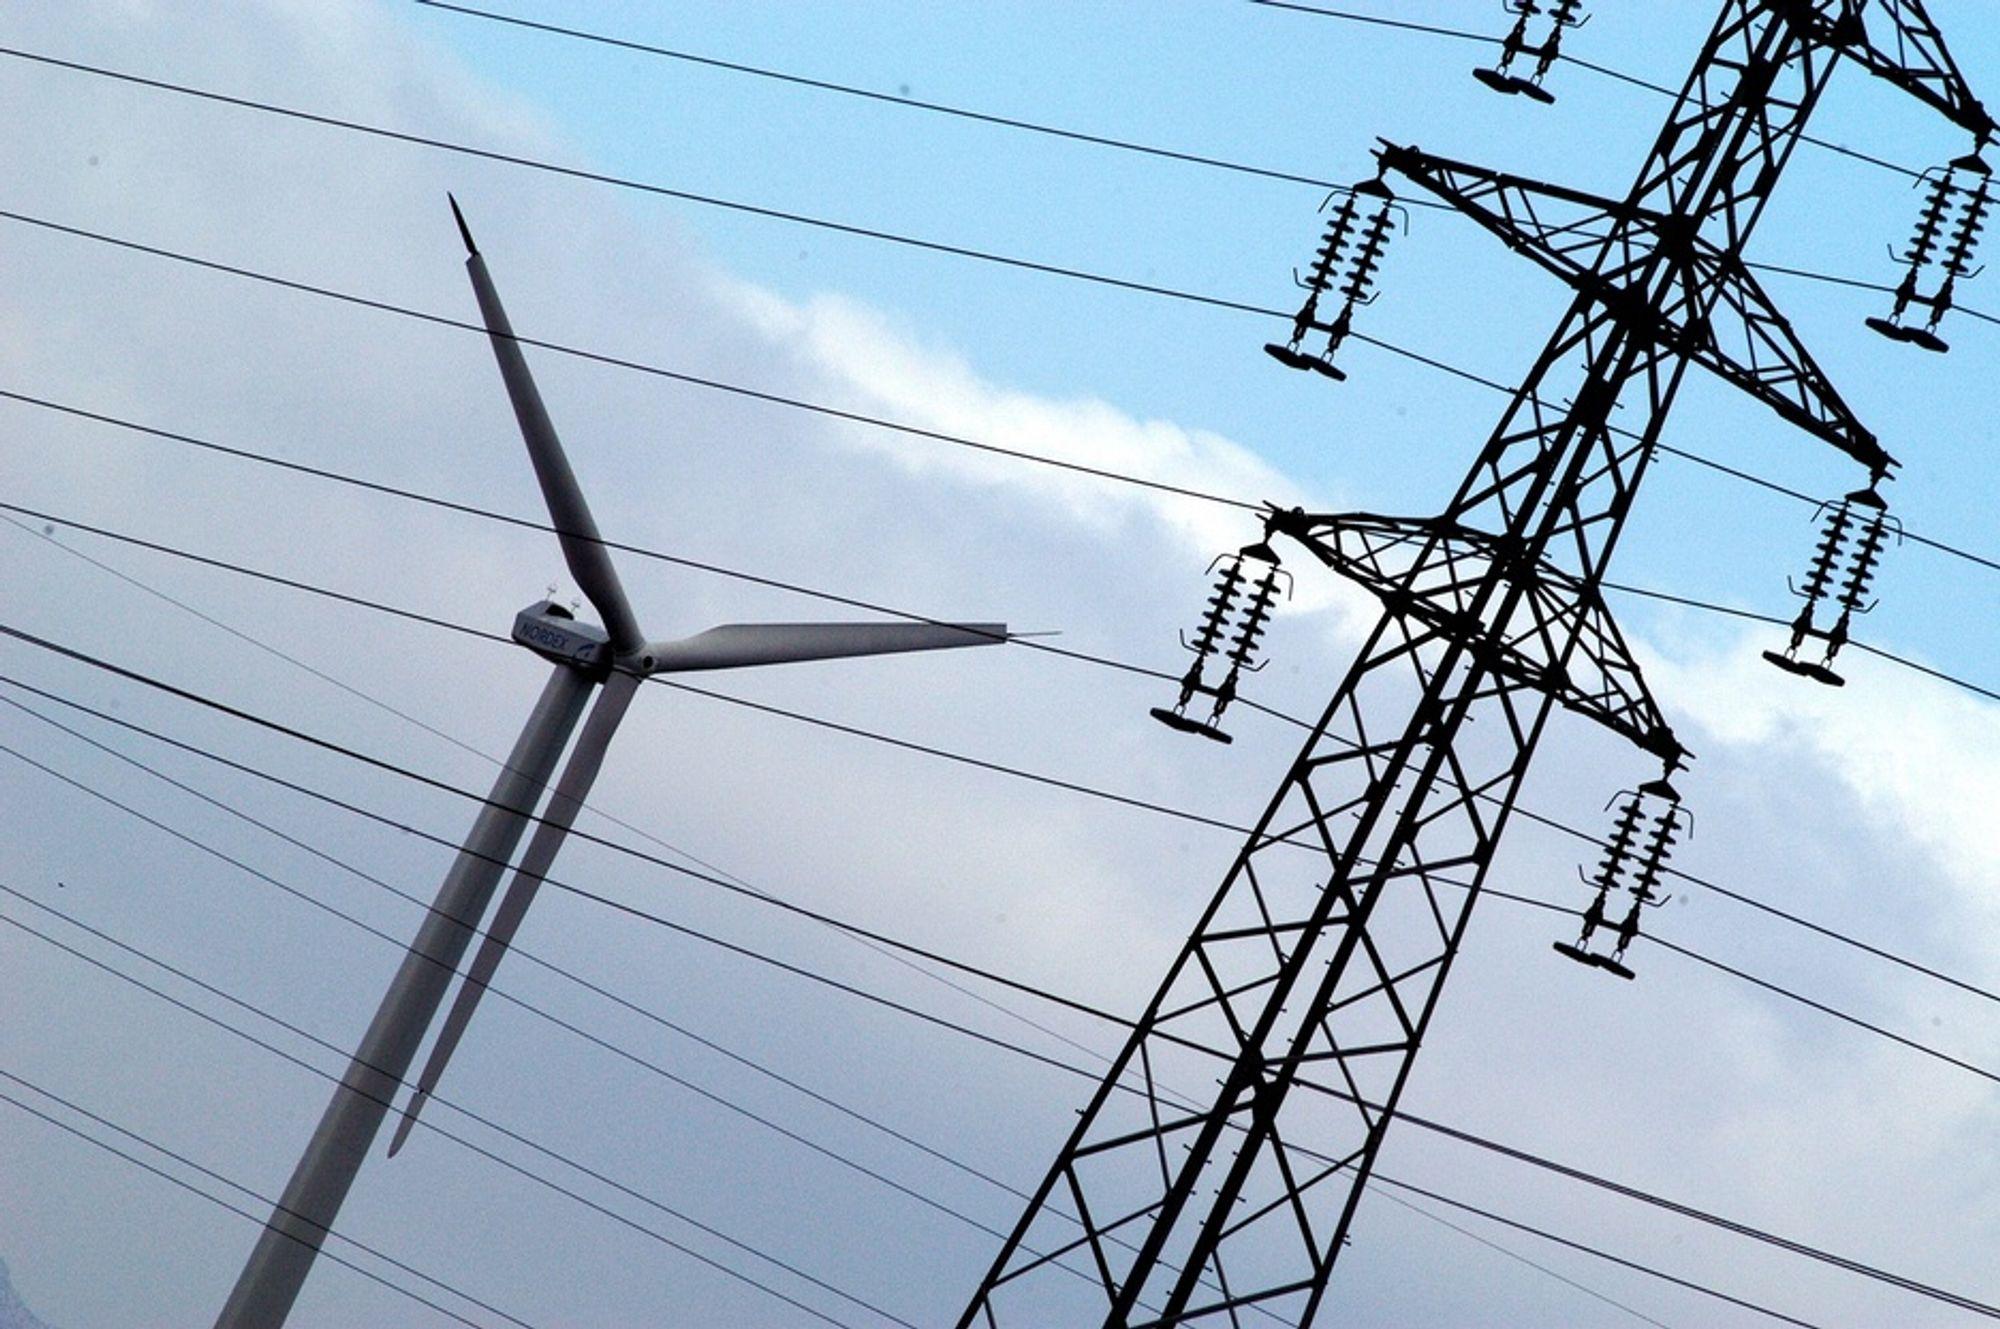 60 000 JOBBER: Det er mange jobber å hente hvis Sverige satser tungt på fornybar energi og energieffektivisering. Det hevder landbruket og naturvernerne i Sverige i en ny rapport.